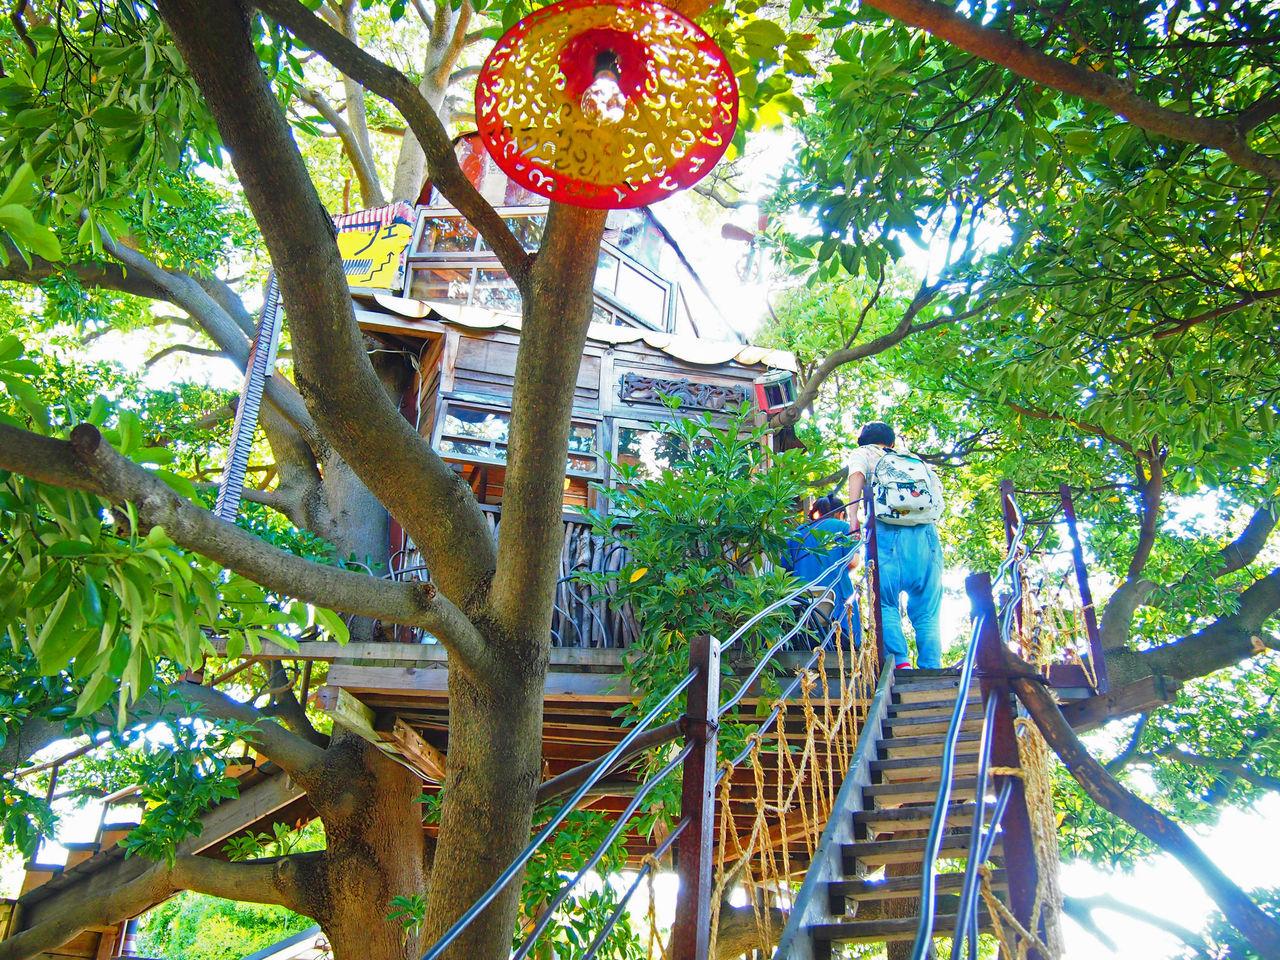 ツリーハウス,カフェ,秘密基地,東京,神奈川,まとめ,画像